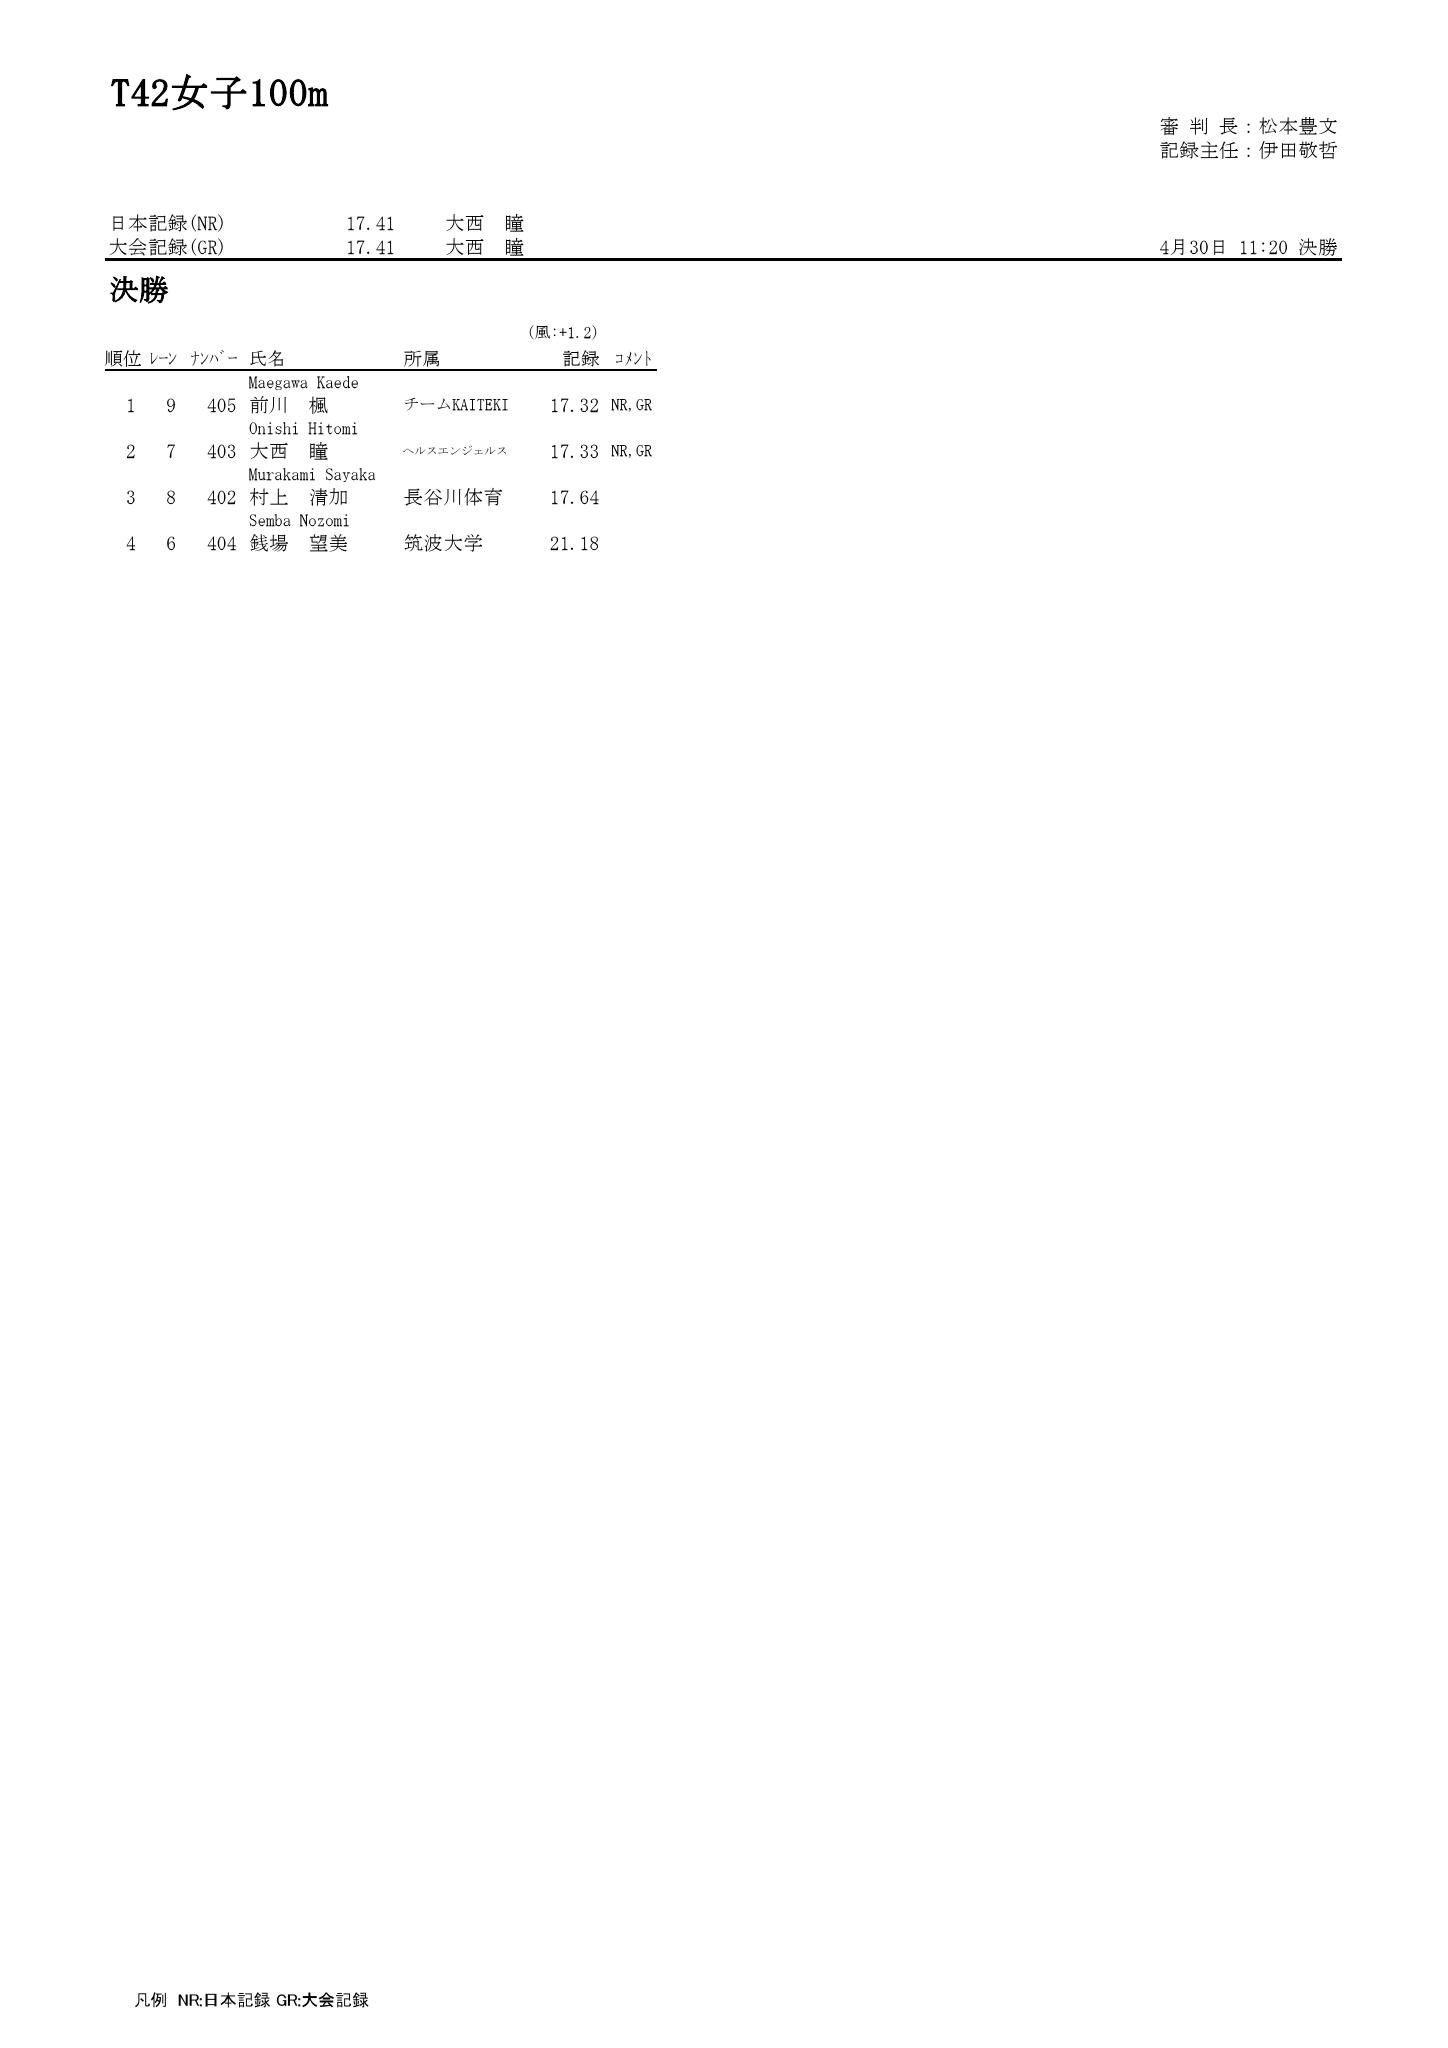 40T42女子100m_000001